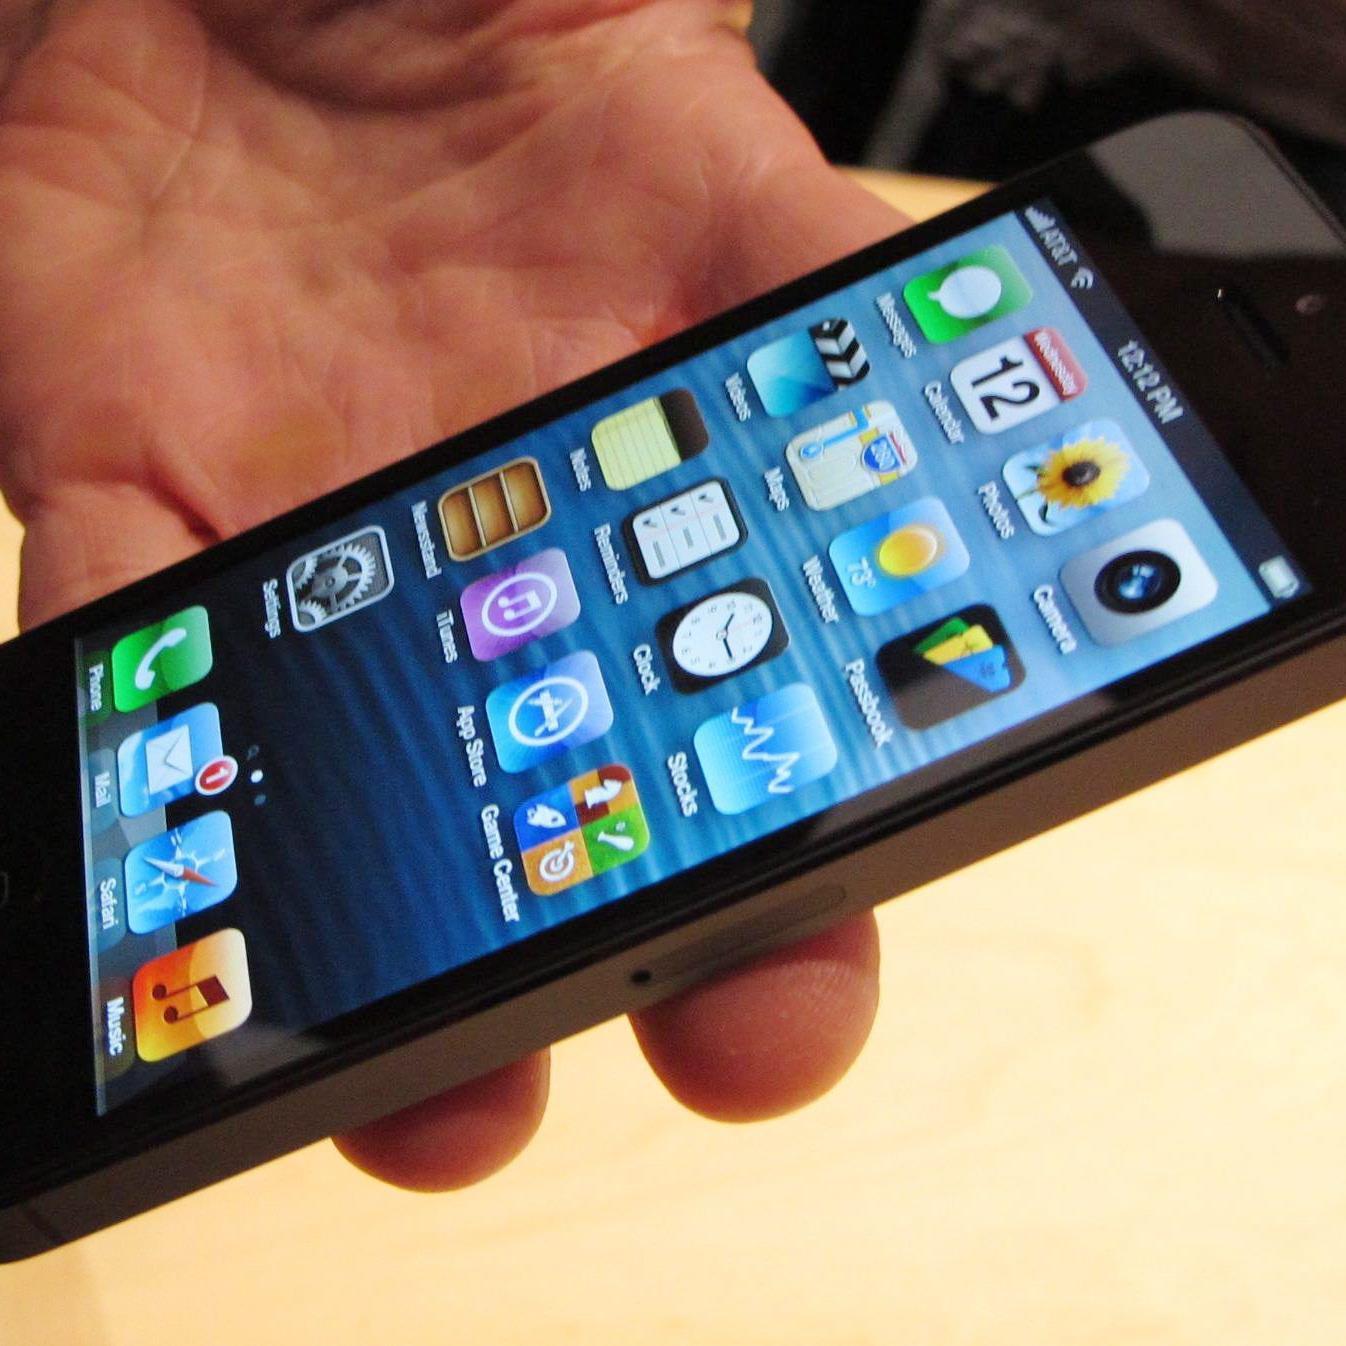 Das neue iPhone5.